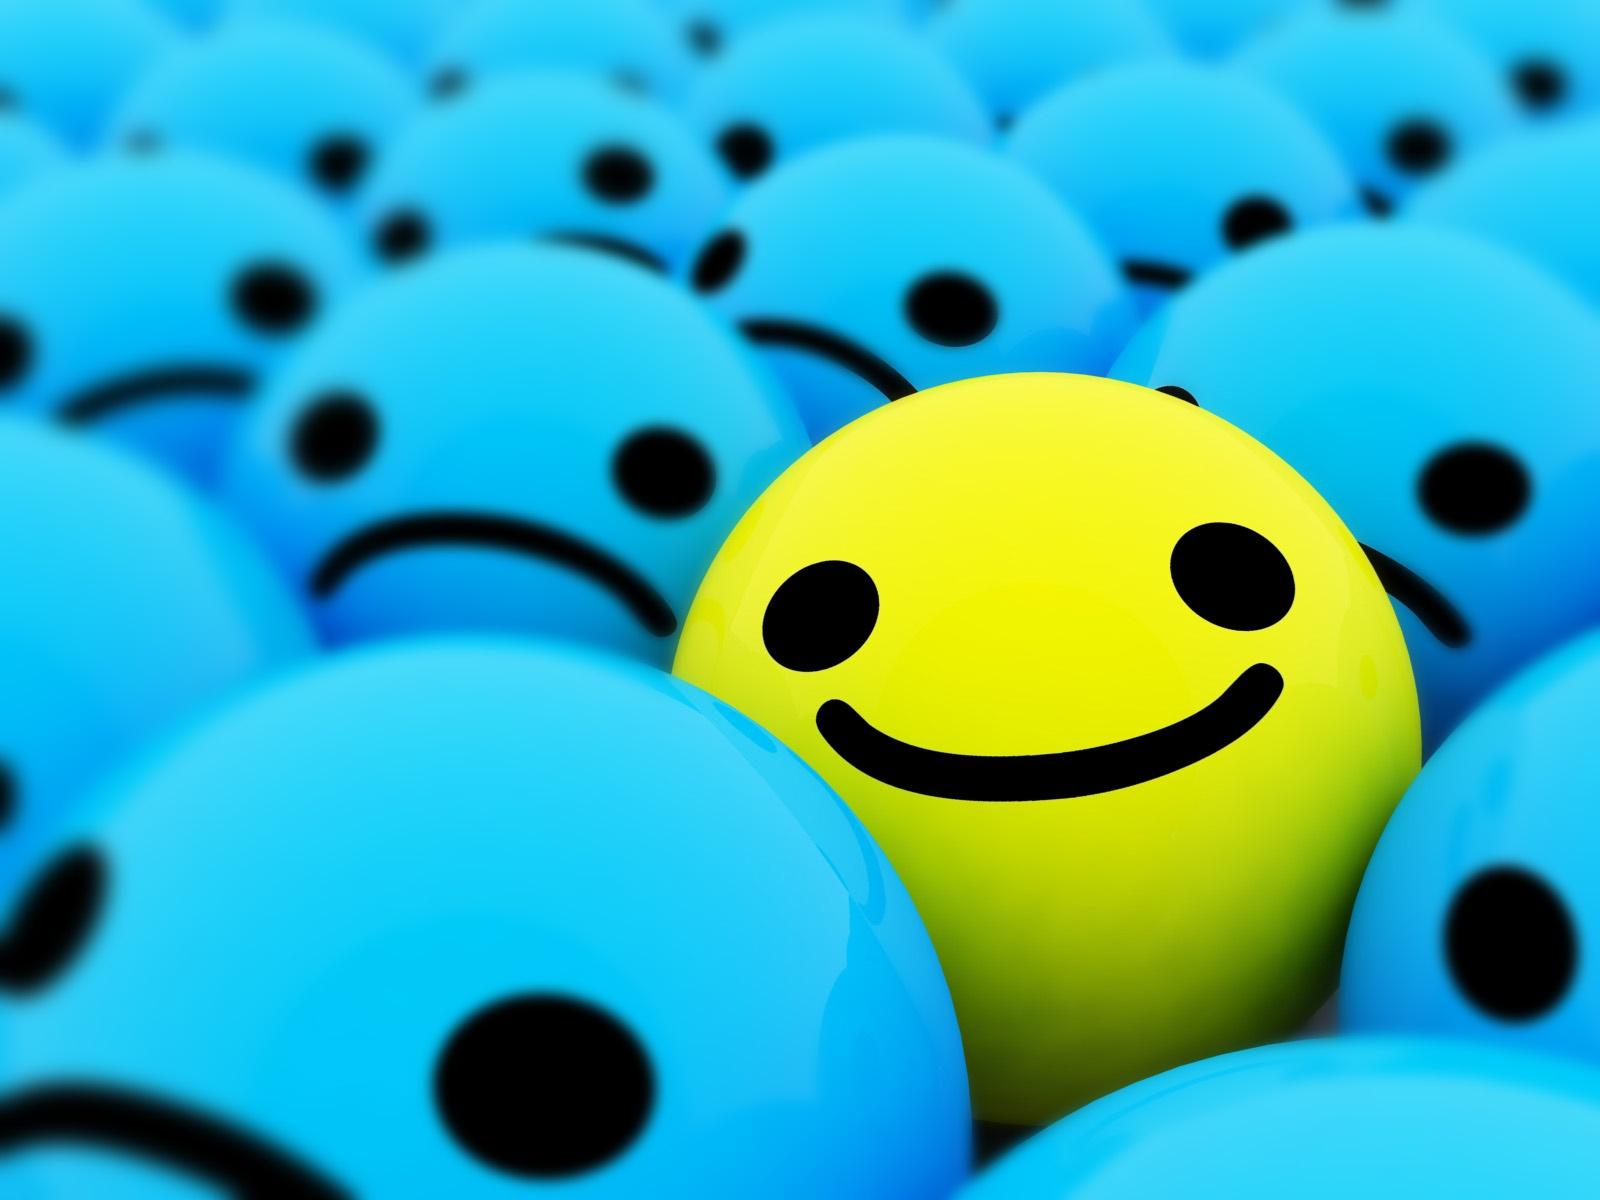 توصیه هایی برای شادتر بودن در محیط کار